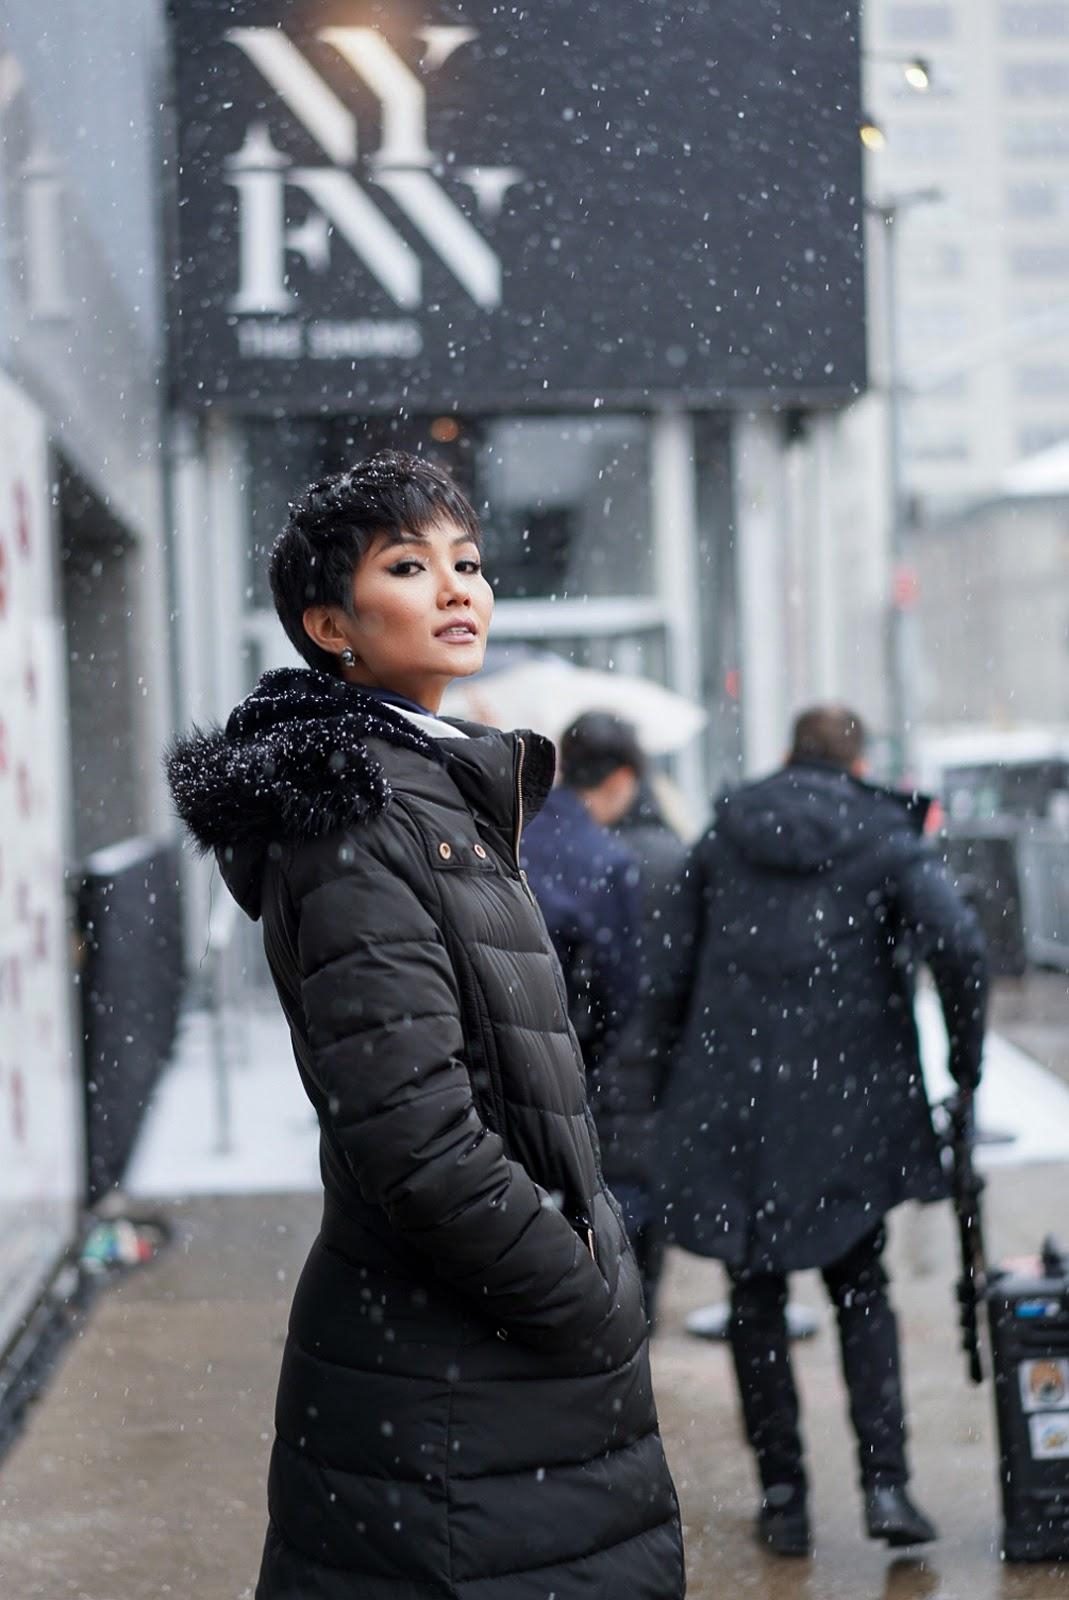 H'Hen Niê thần thái ngút ngàn, ôm Catriona Gray giữa trời New York đầy tuyết - Hình 2